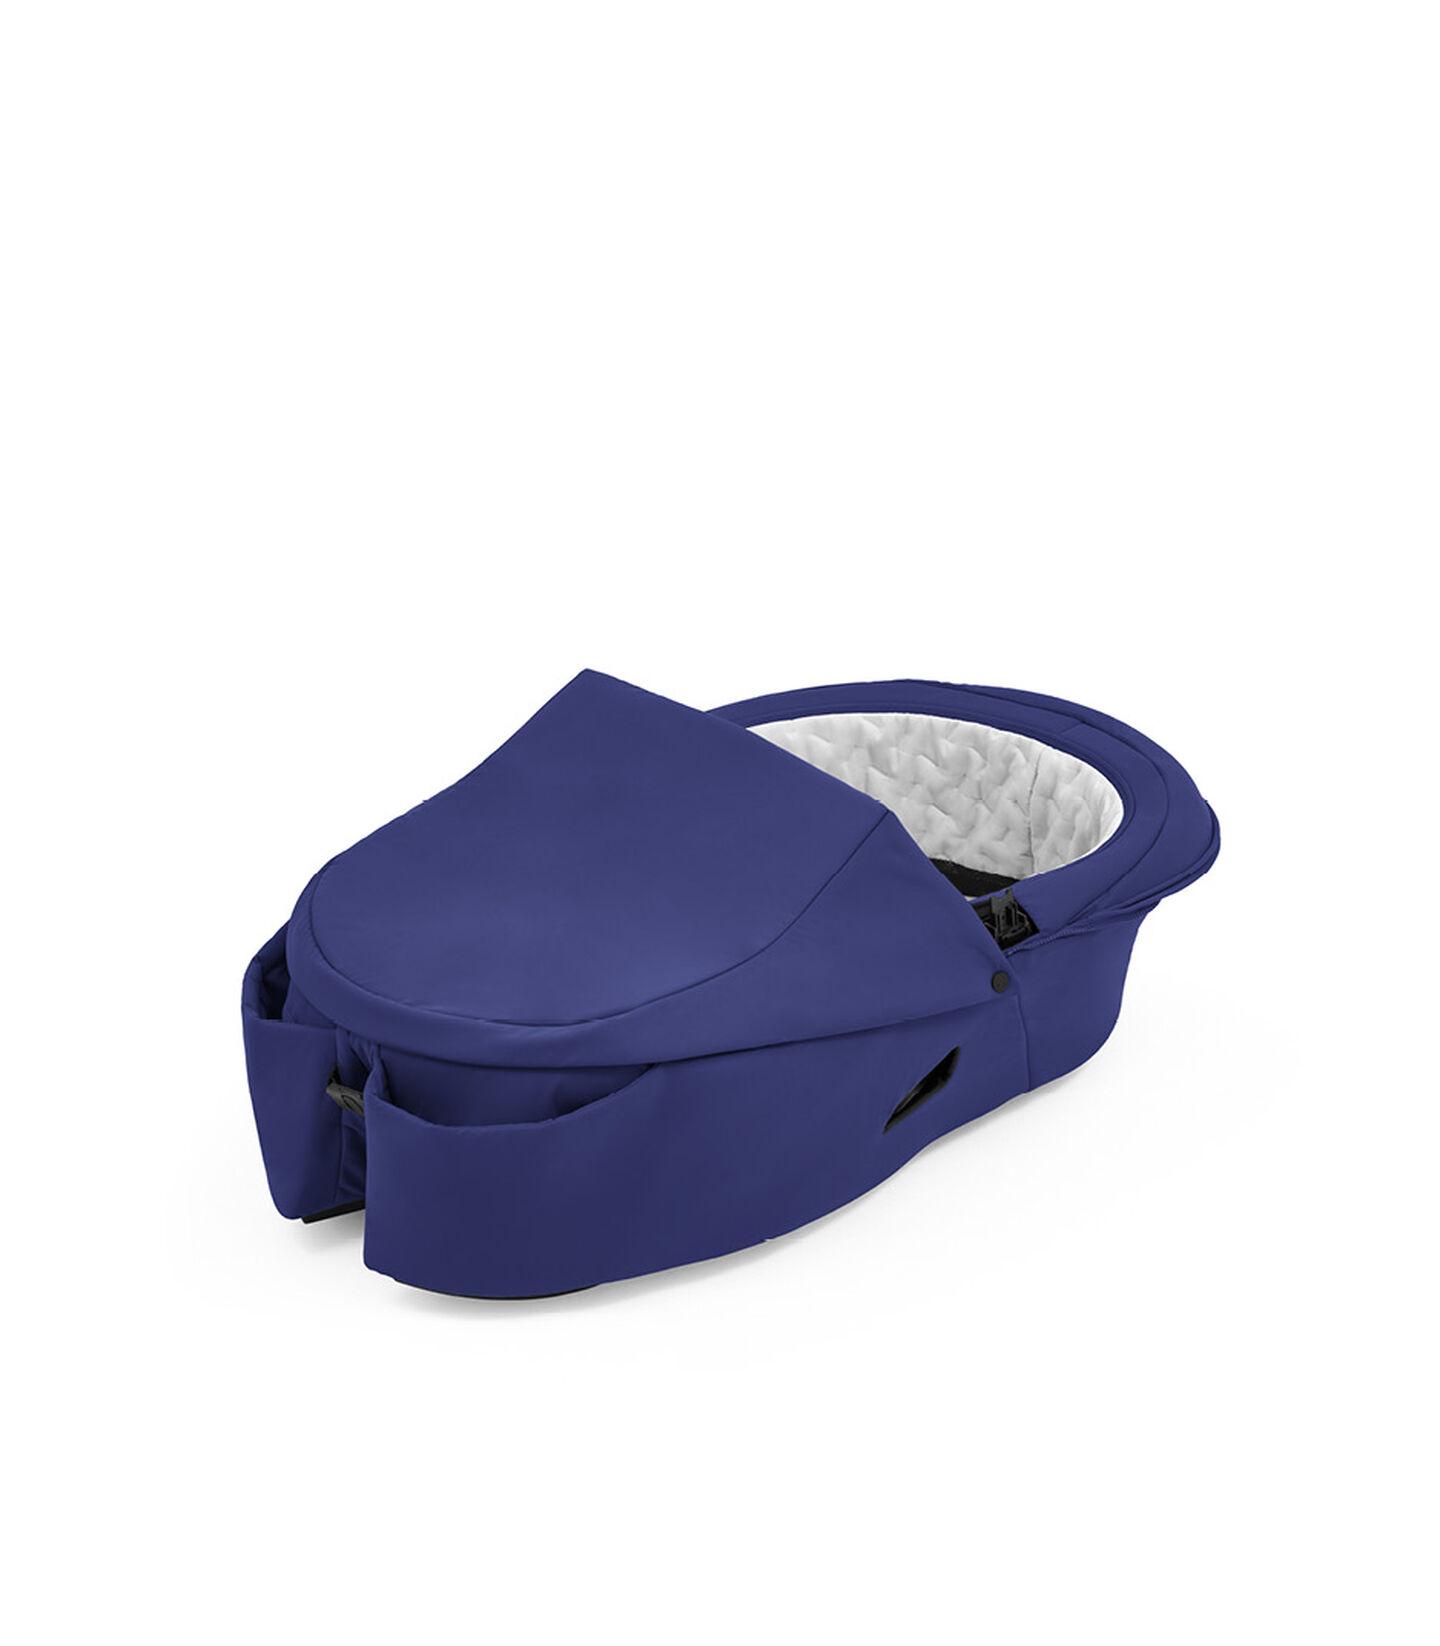 Gondola Stokke® Xplory® X Królewski niebieski, Królewski niebieski, mainview view 1